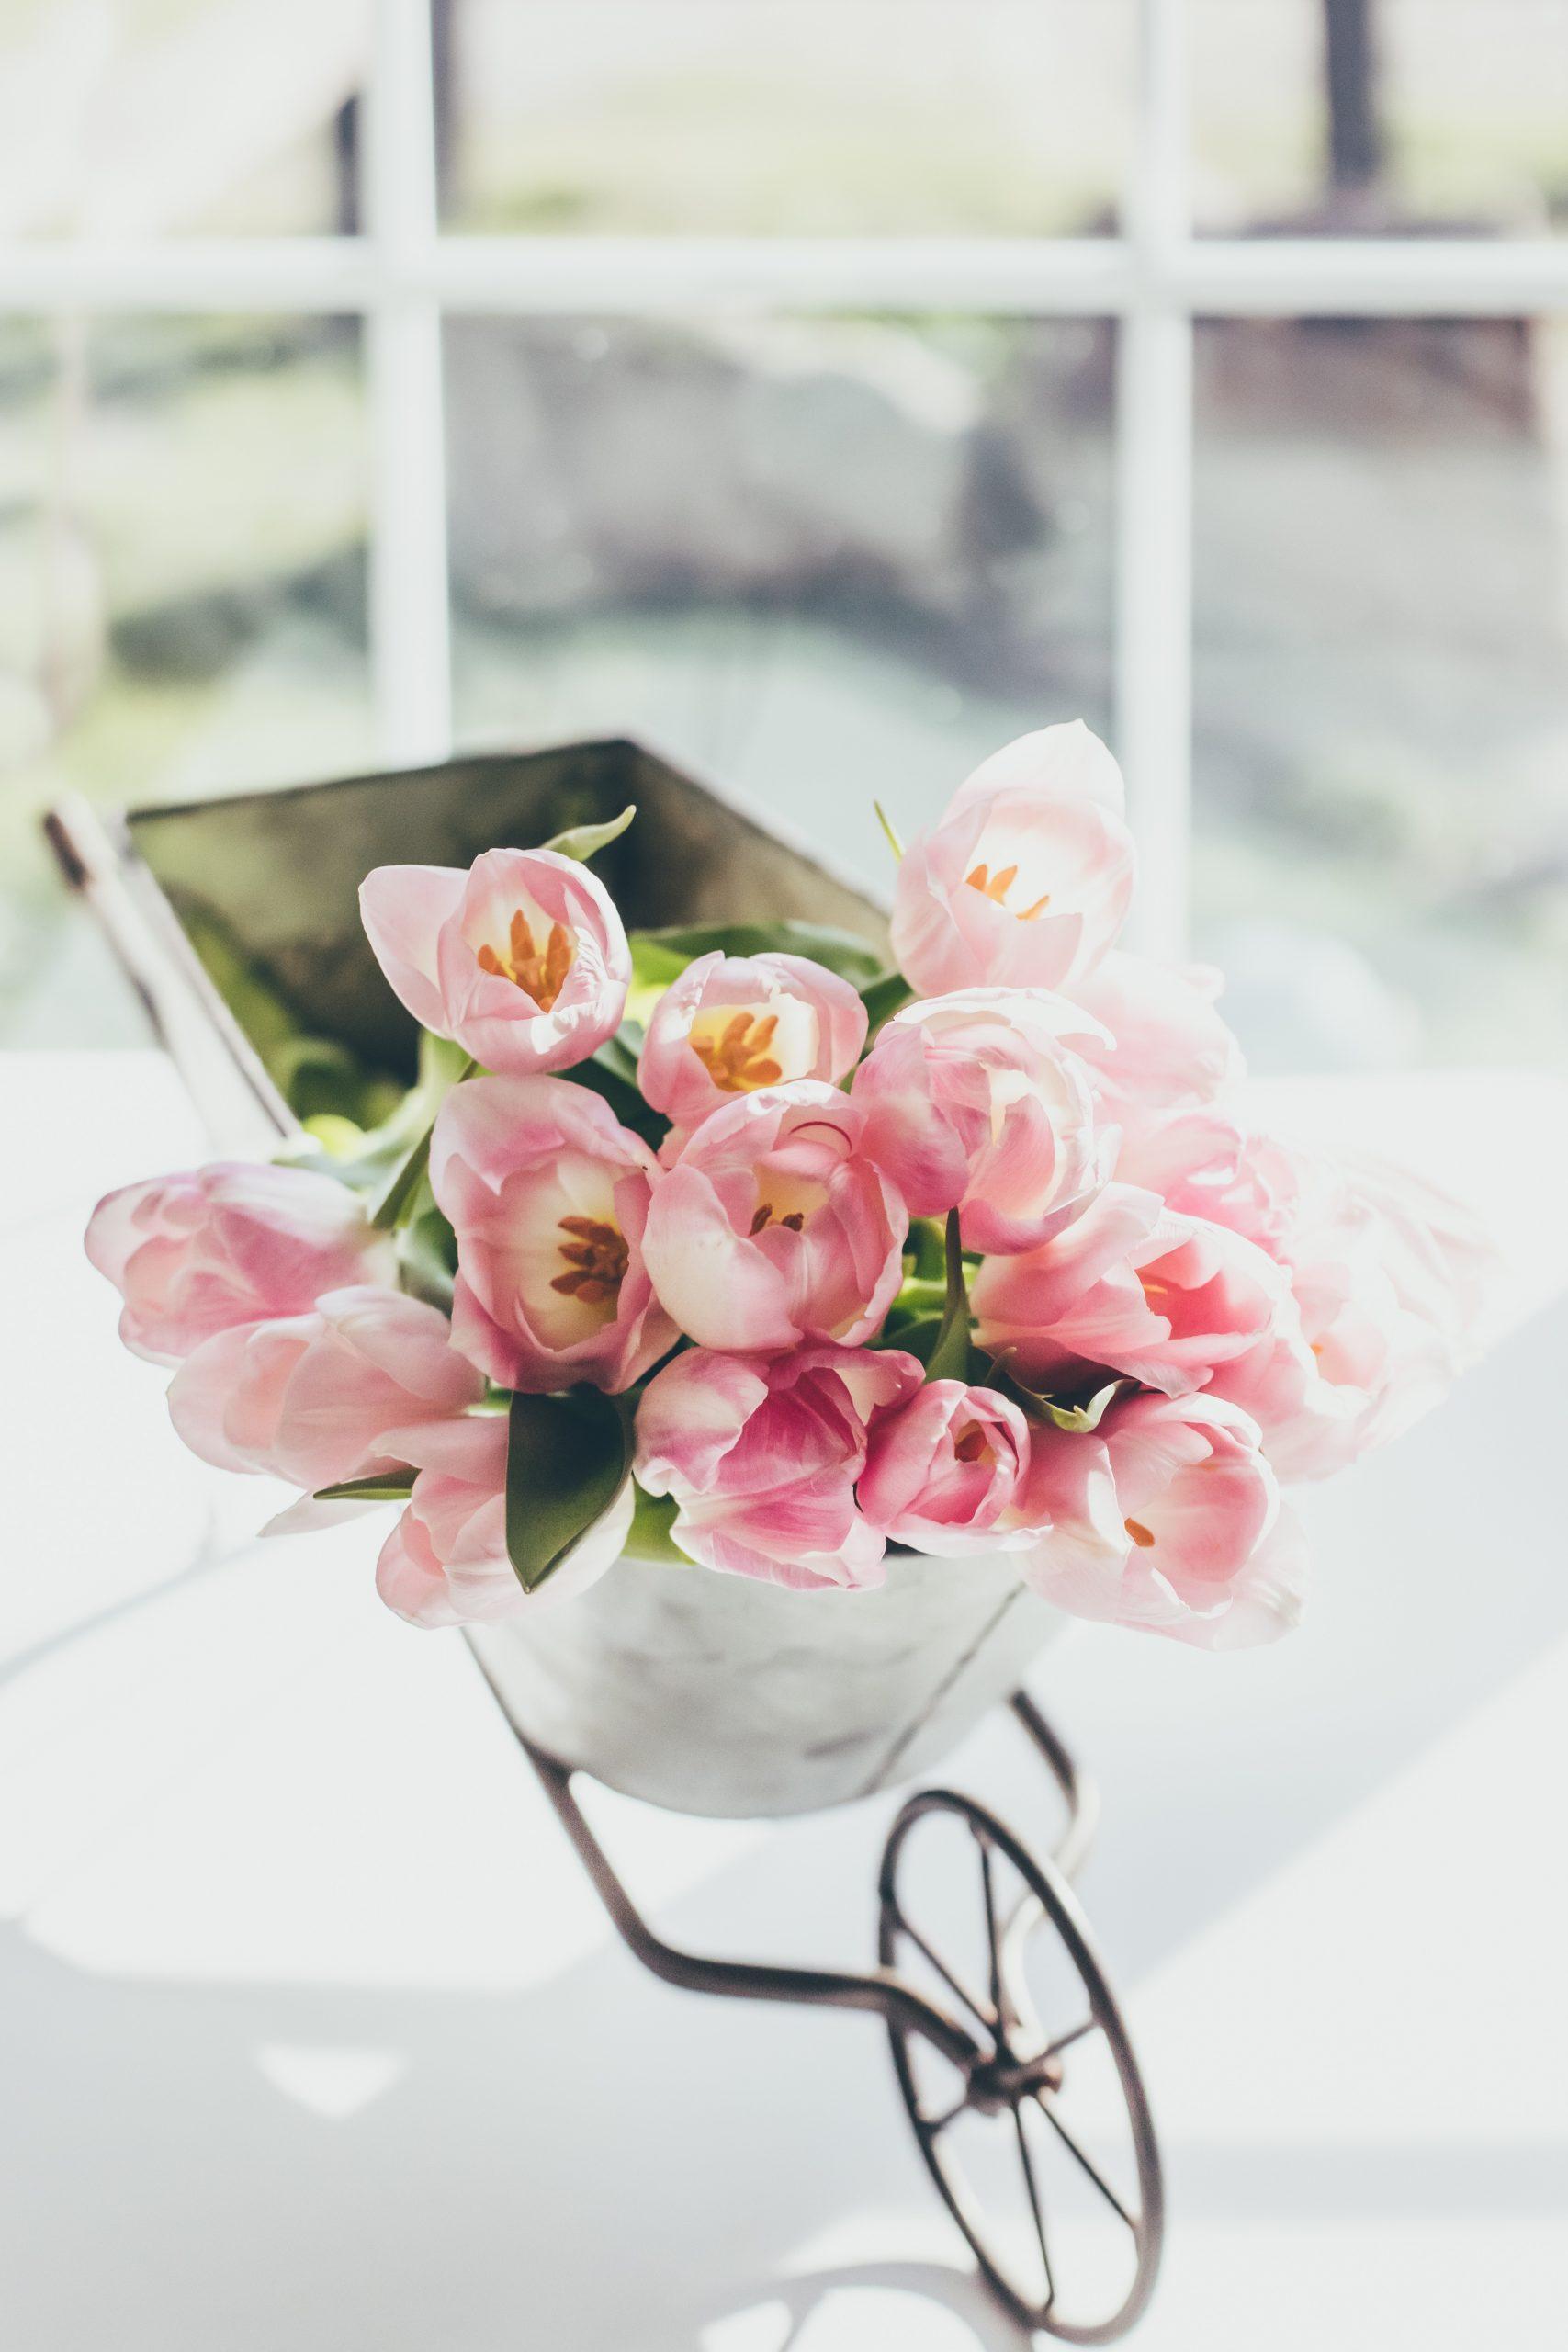 Nów w Baranie czyli kolejny przełom i krok w stronę prawdziwej wiosny!